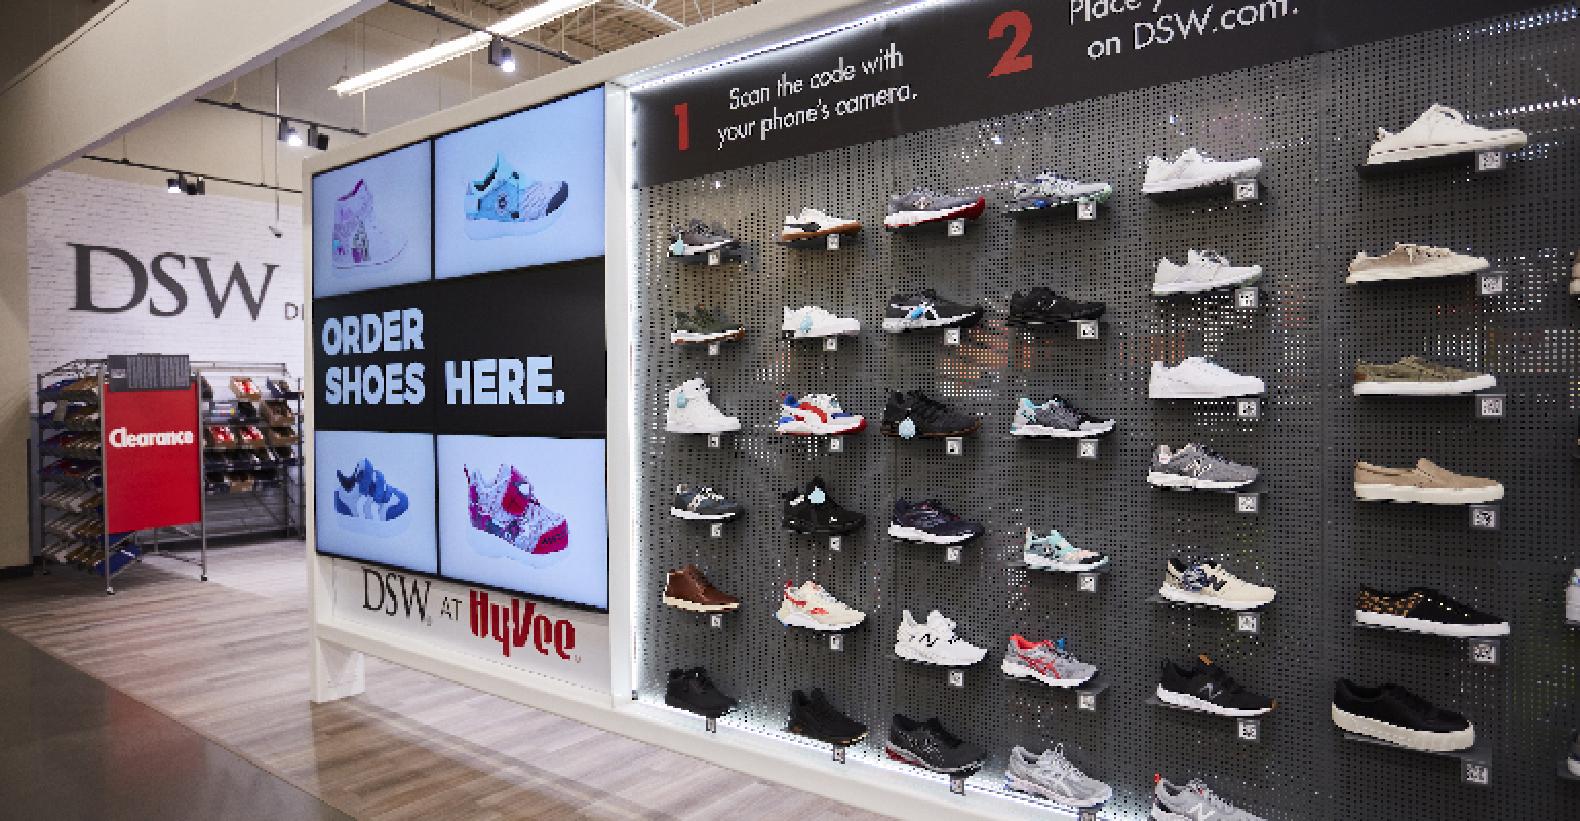 Hy Vee Opening Dsw Footwear In